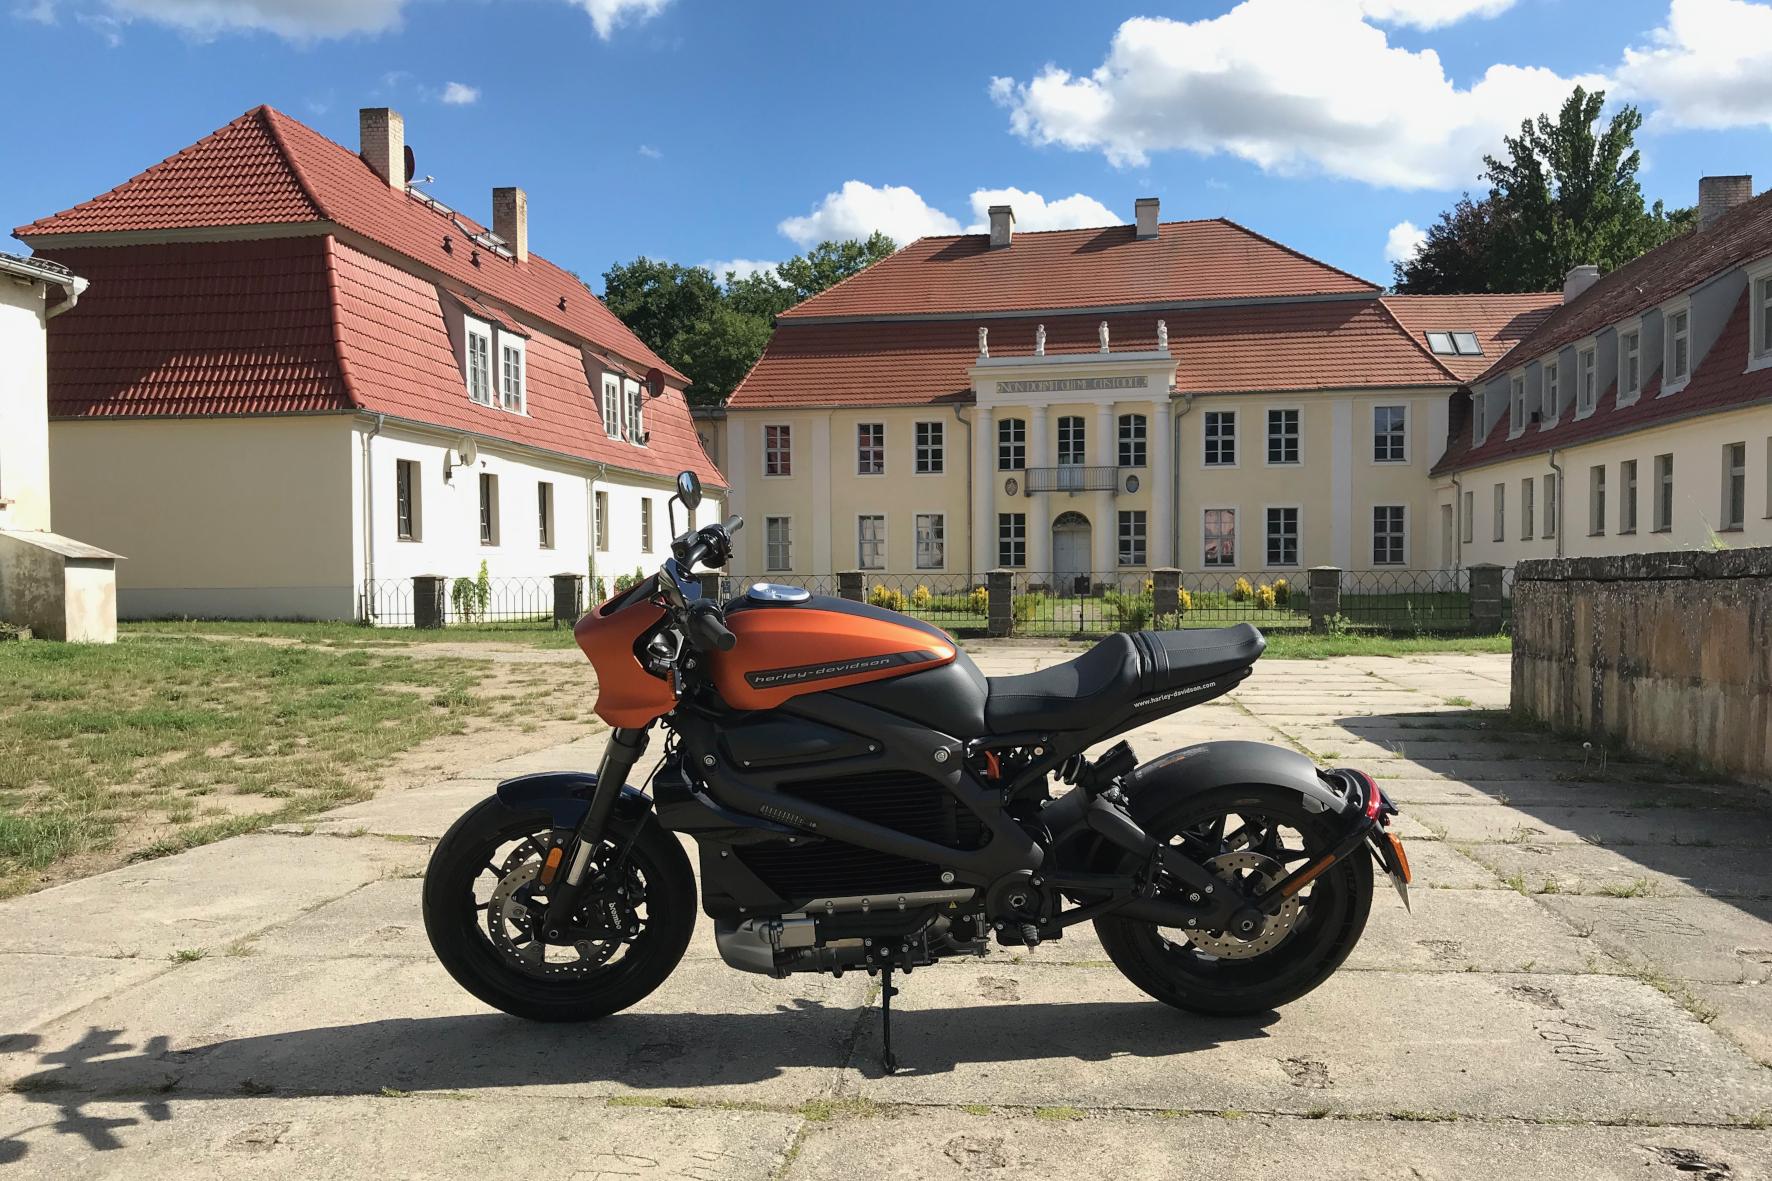 Auf Langstrecke mit der Harley-Davidson LiveWire unterwegs